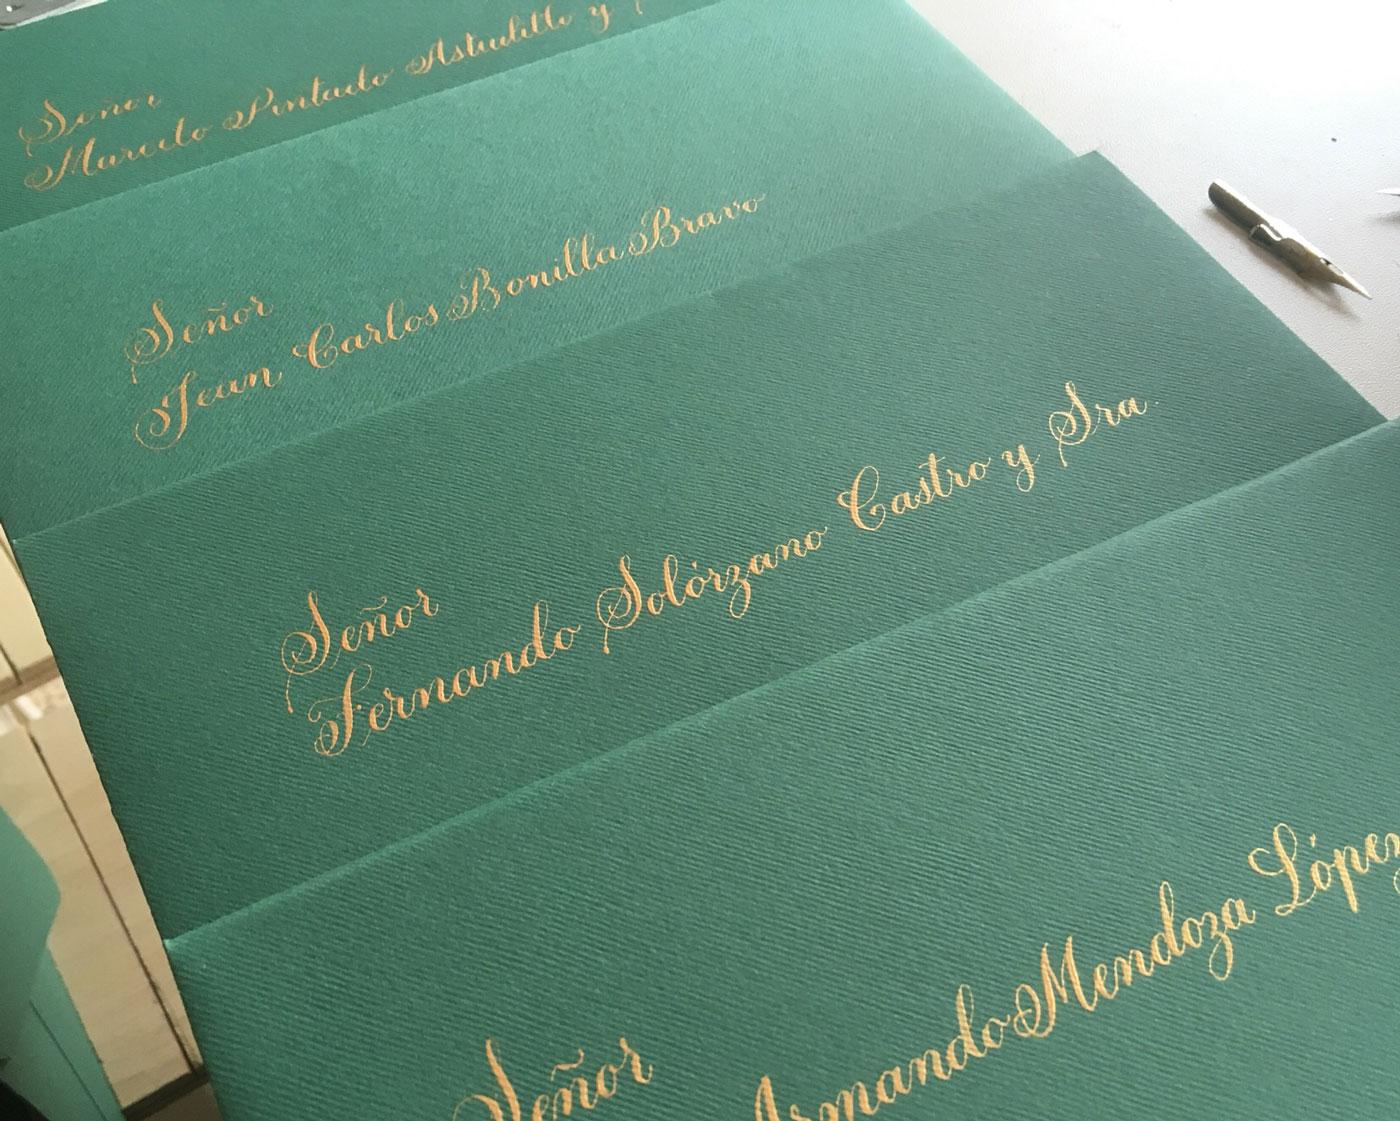 invitacion de boda con caligrafia tracional